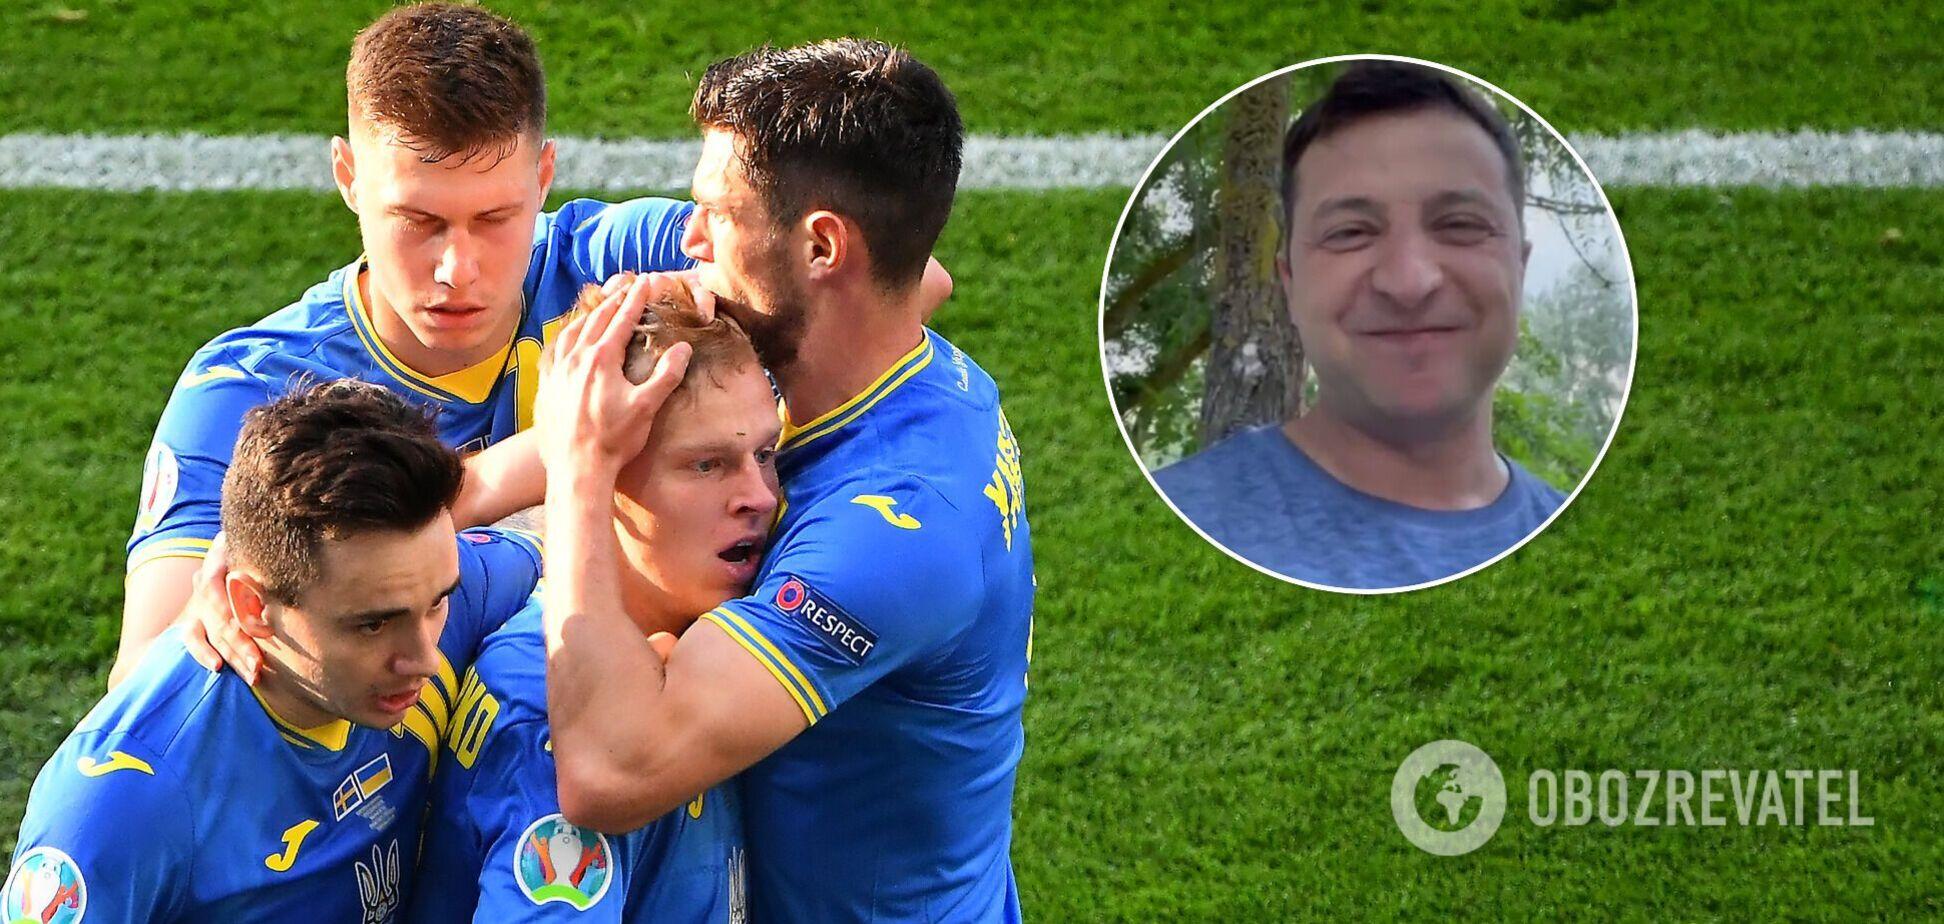 'Домой еще рано': Зеленский обратился к сборной Украины перед матчем с Англией